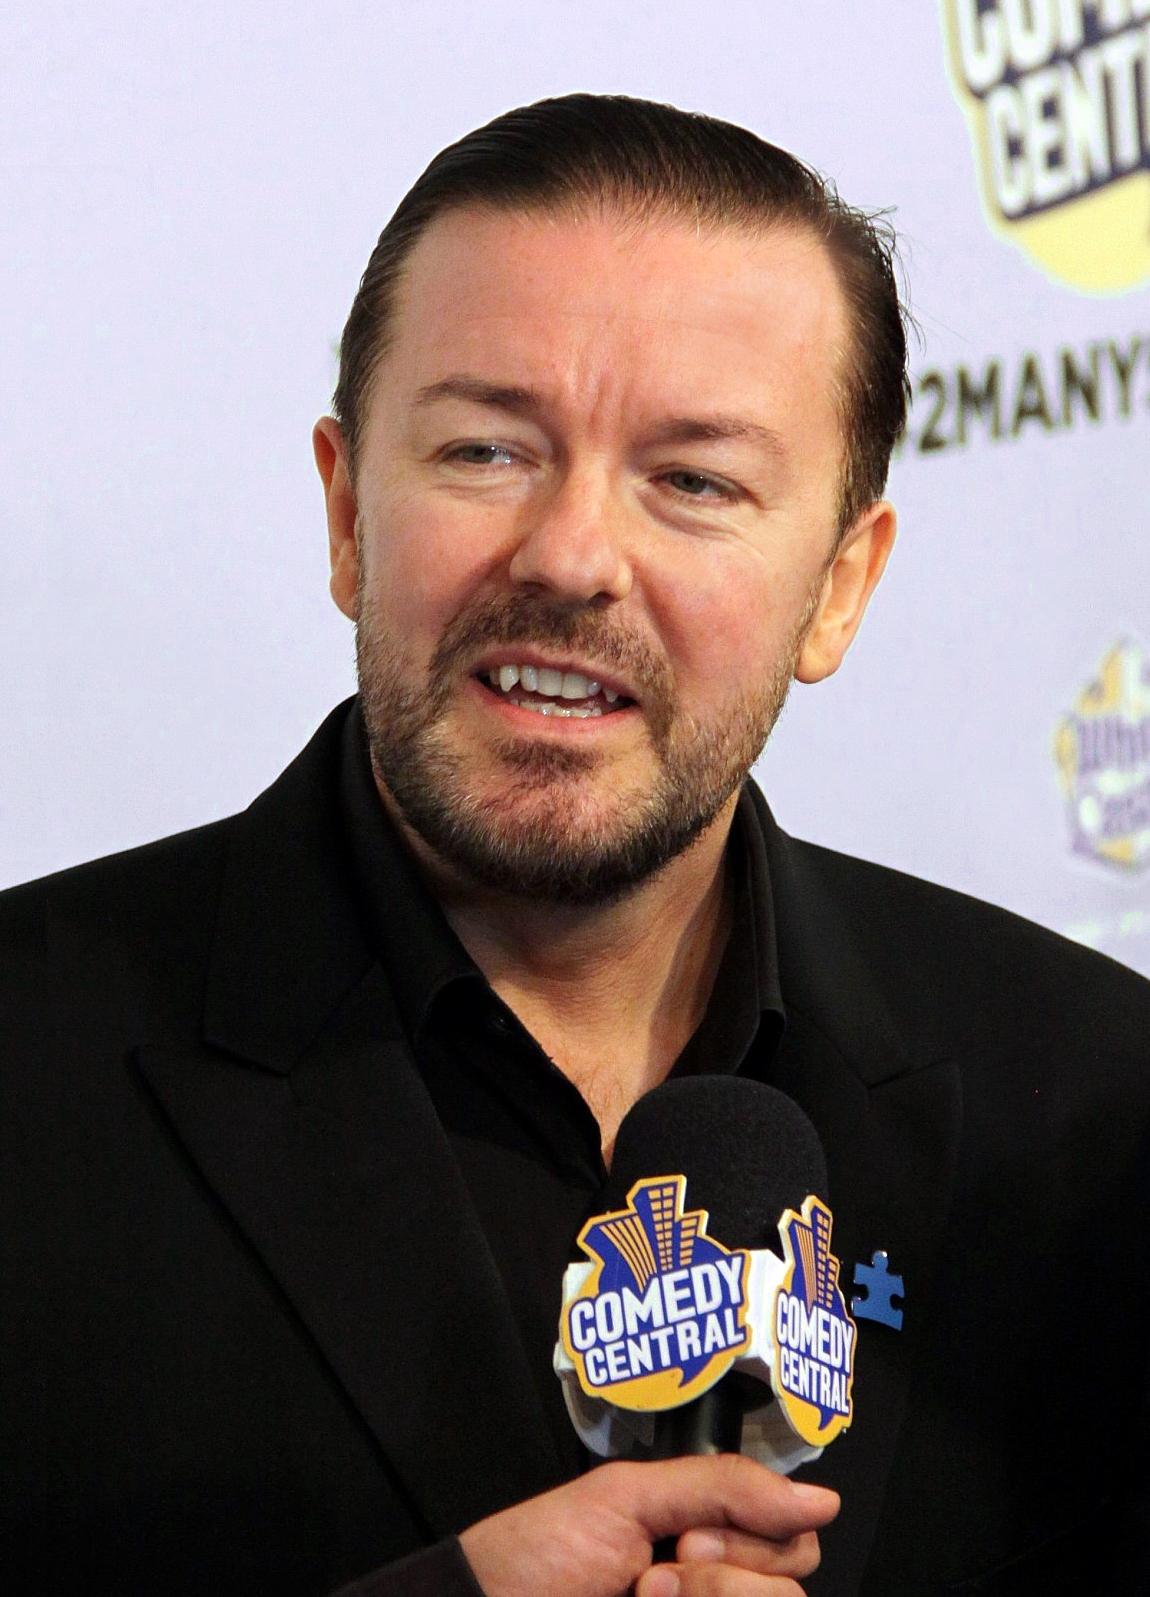 Veja o que saiu no Migalhas sobre Ricky Gervais